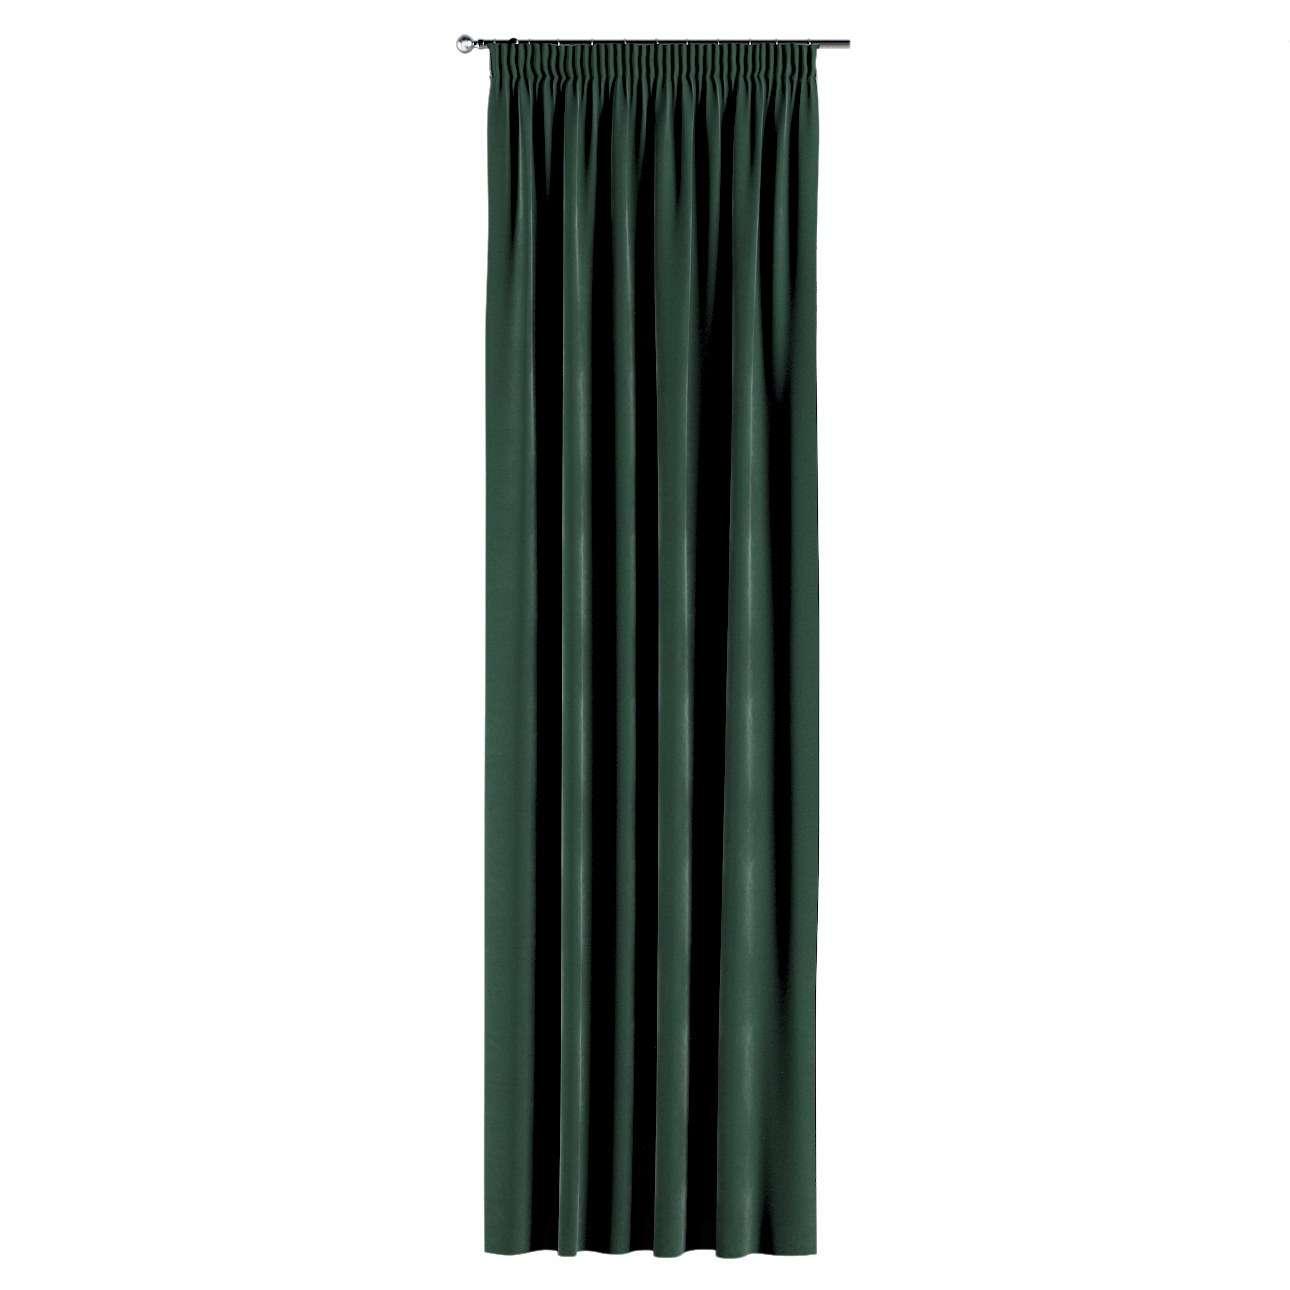 Gordijn met plooiband van de collectie Velvet, Stof: 704-25